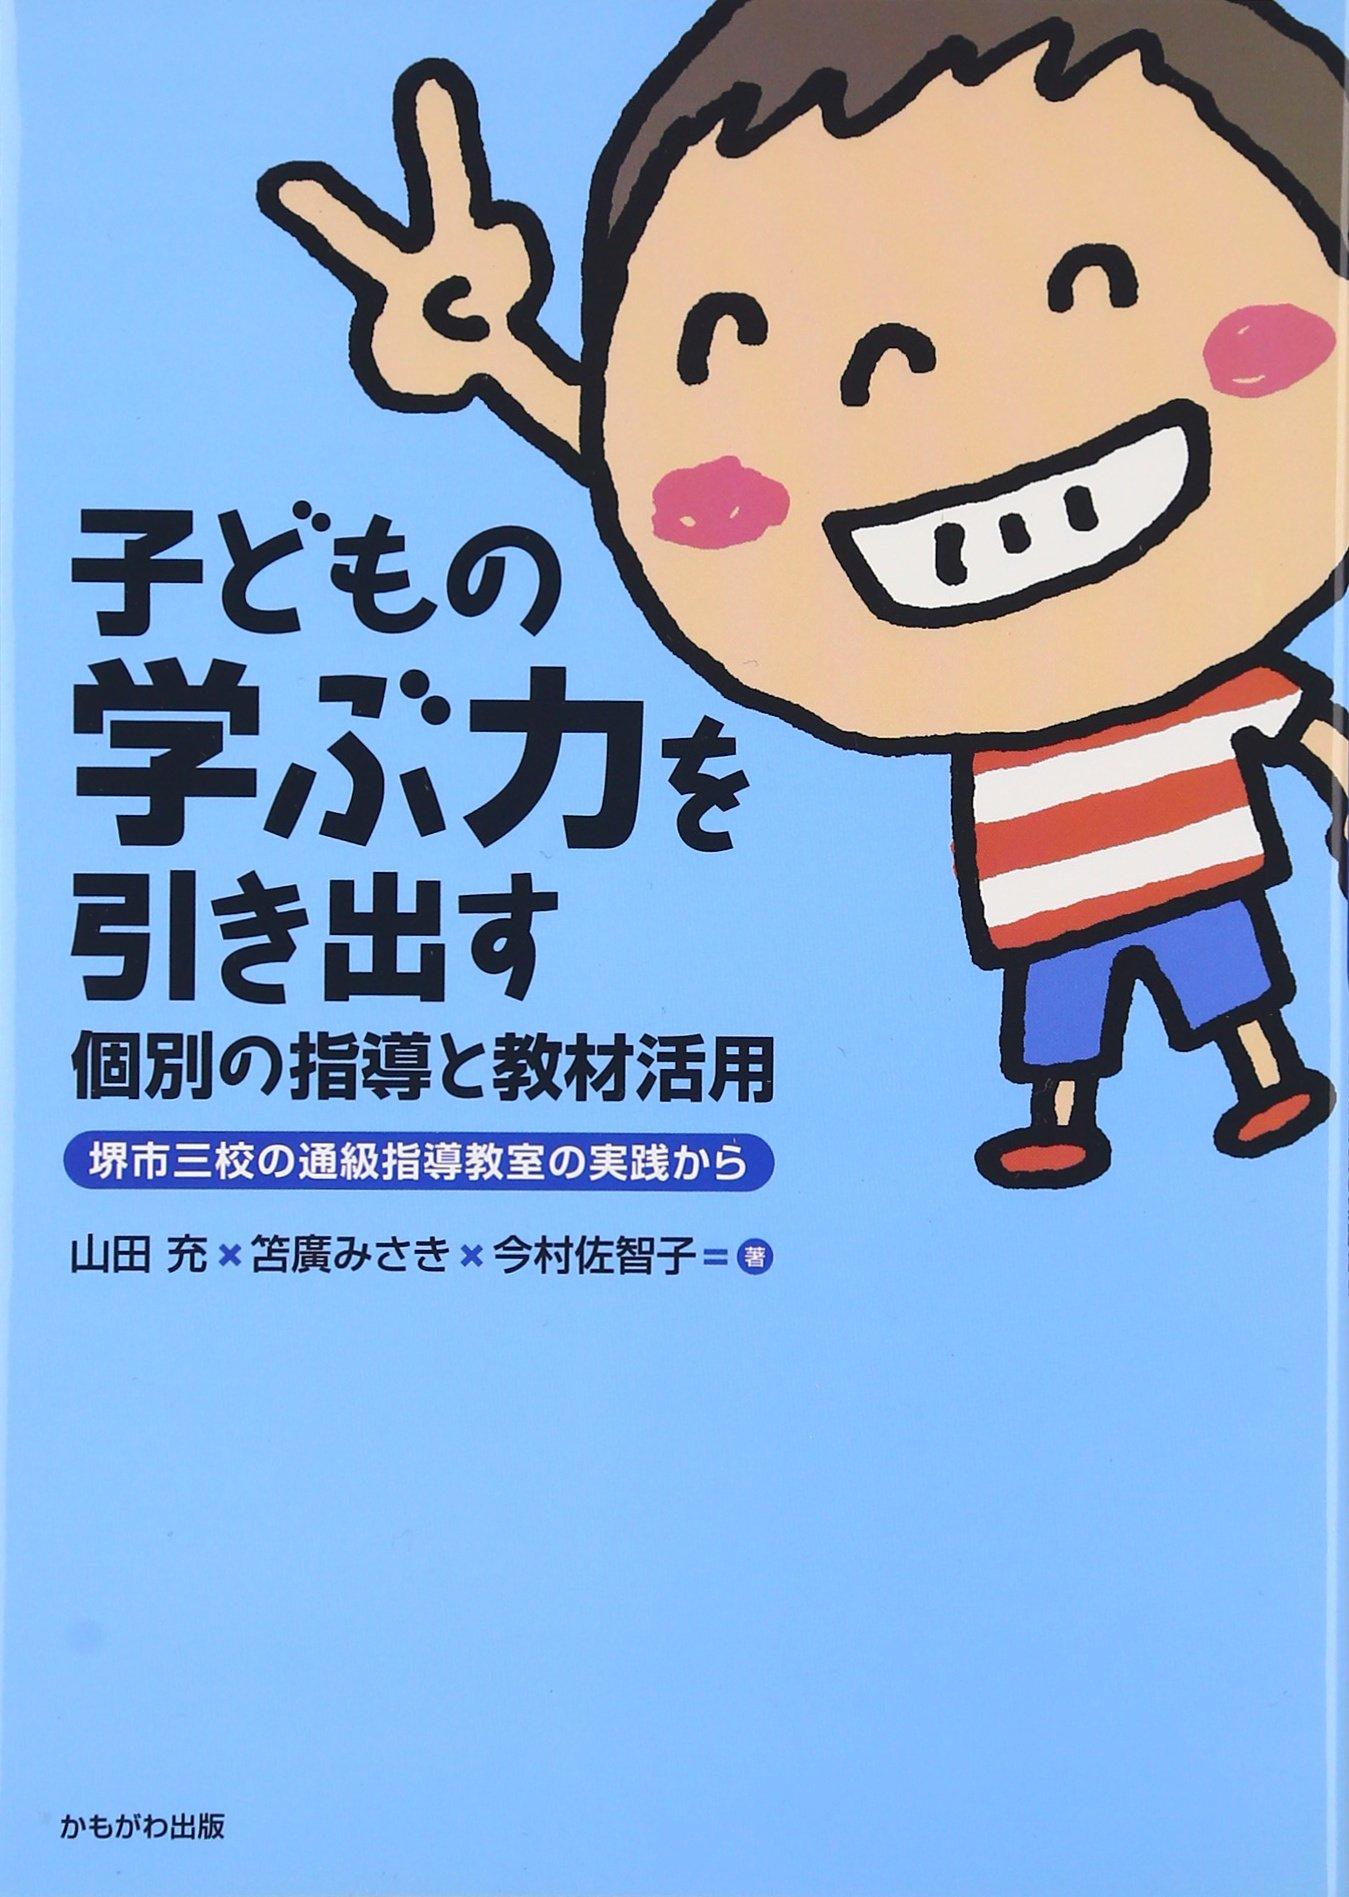 Download Kodomo no manabu chikara o hikidasu kobetsu no shidō to kyōzai katsuyō : Sakaishi 3kō no tsūkyū shidō kyōshitsu no jissen kara ebook